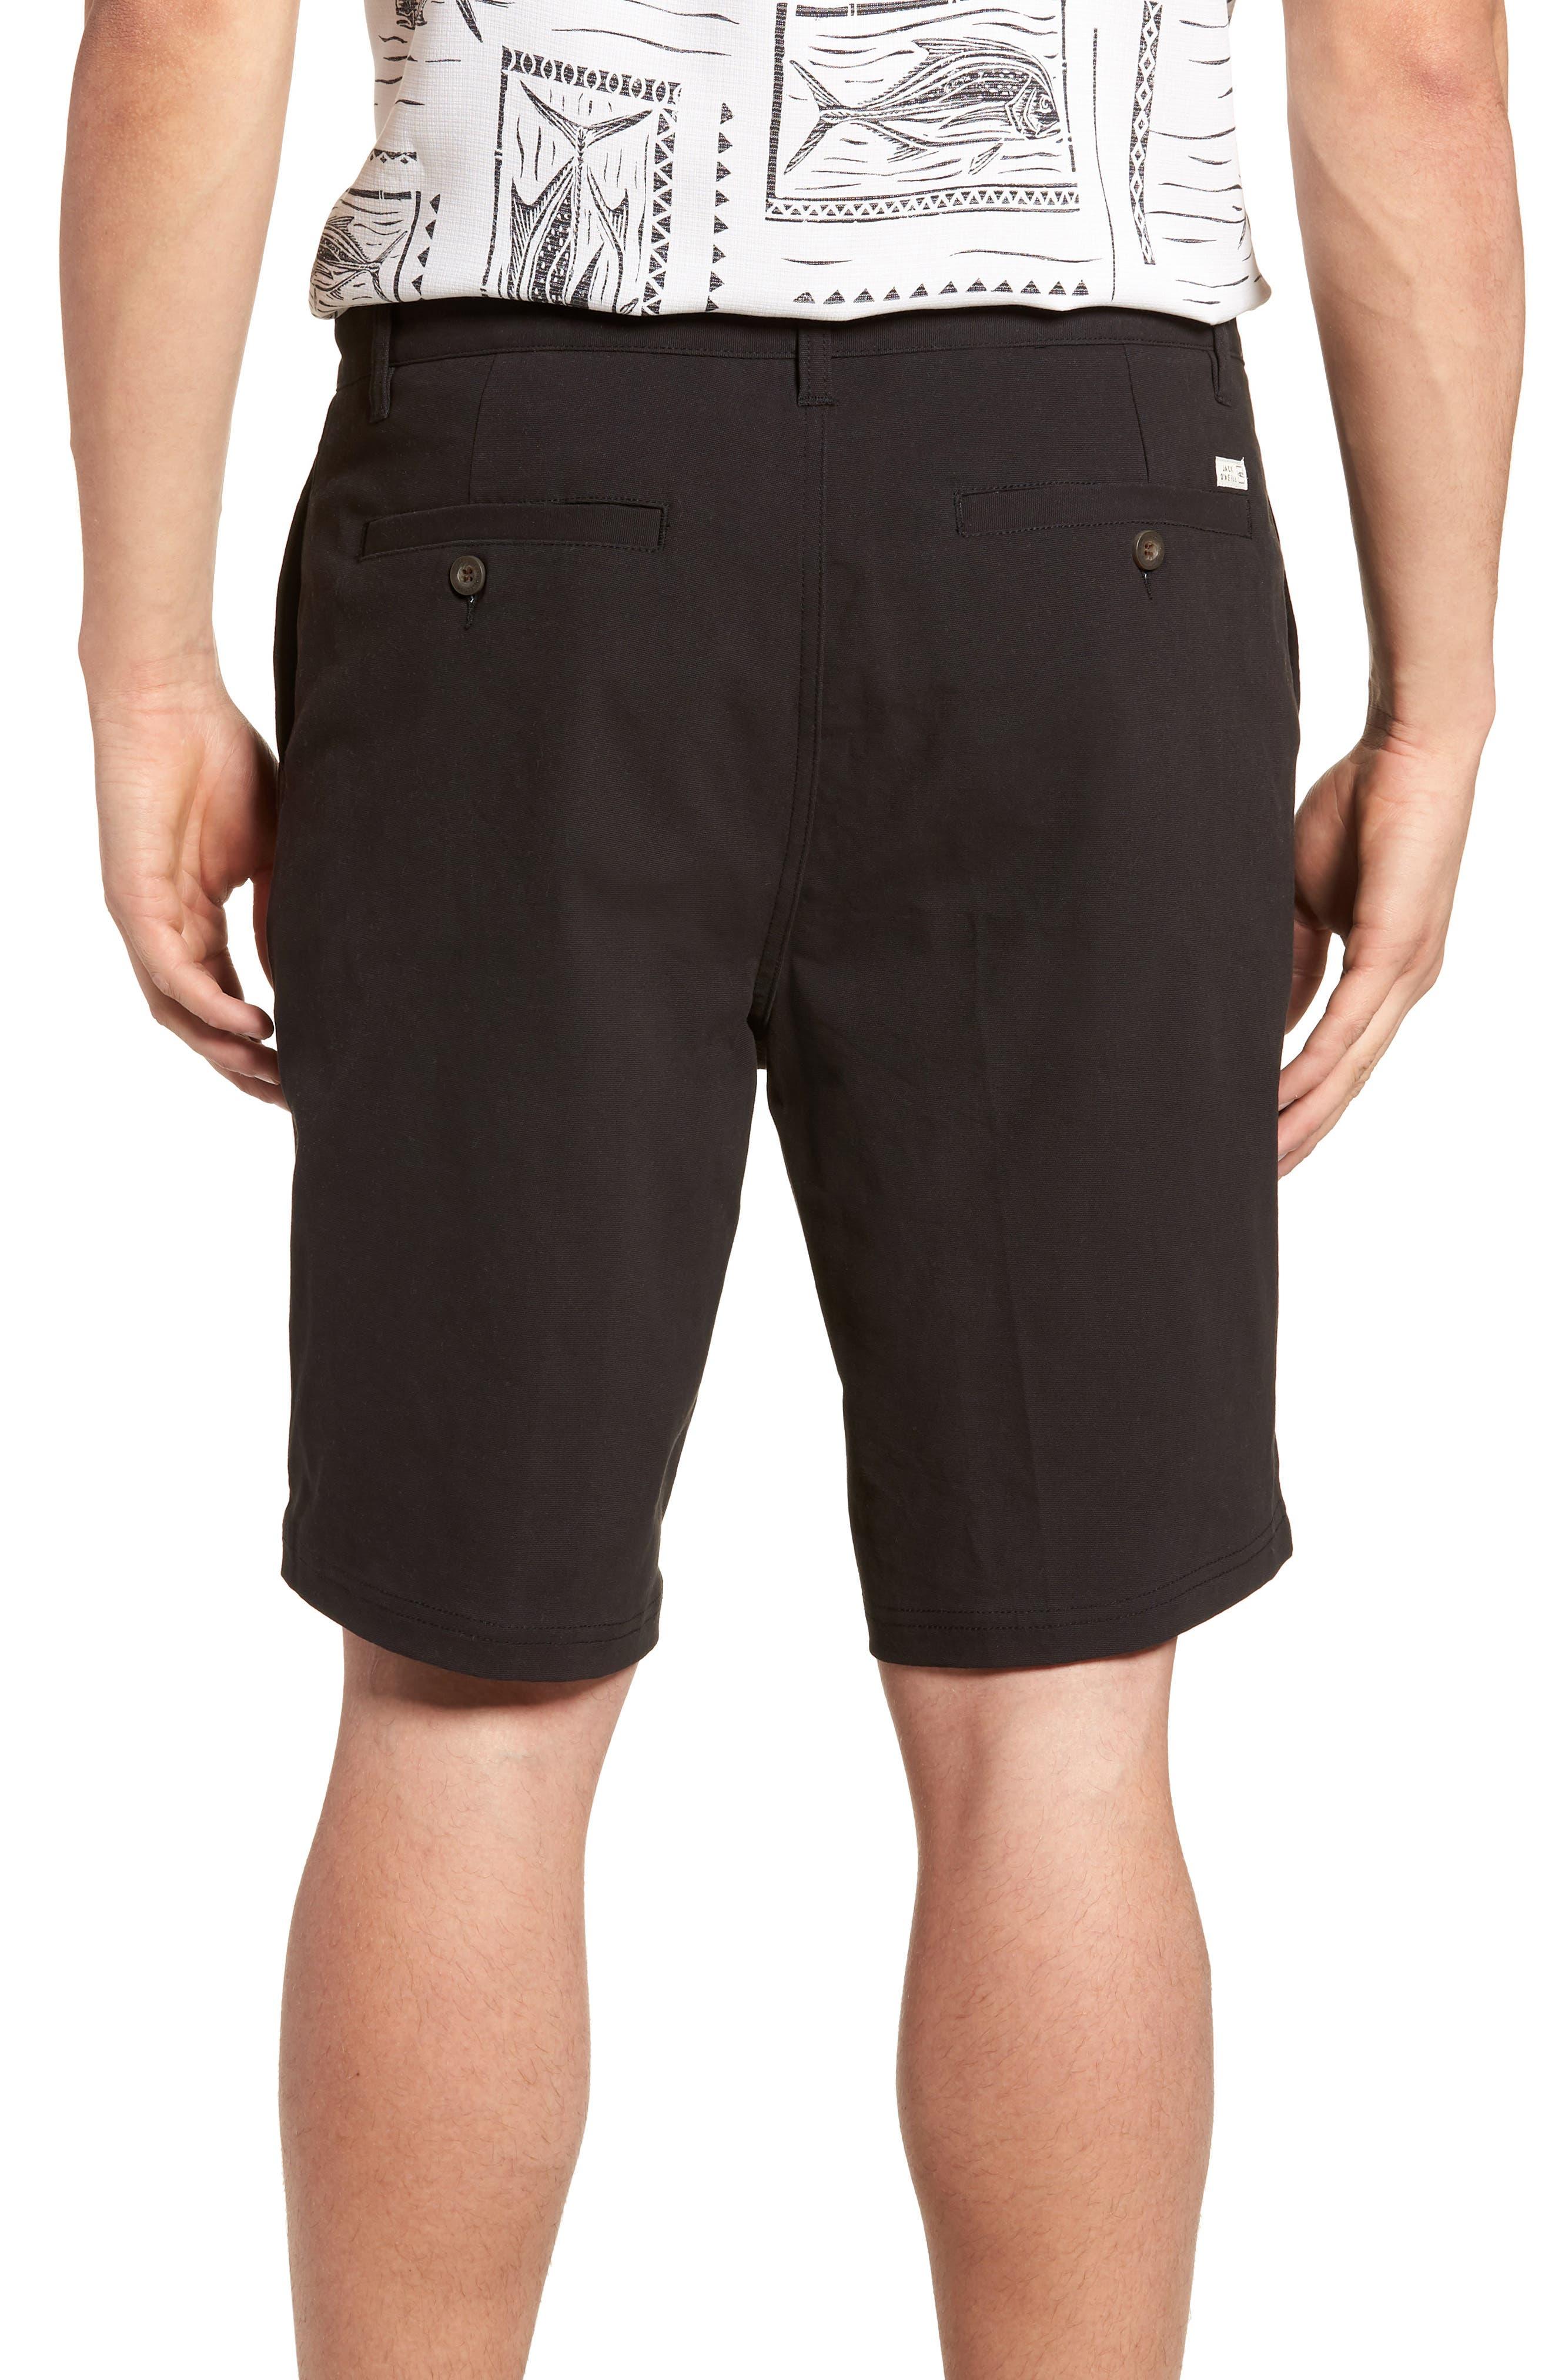 Port Shorts,                             Alternate thumbnail 2, color,                             BLACK